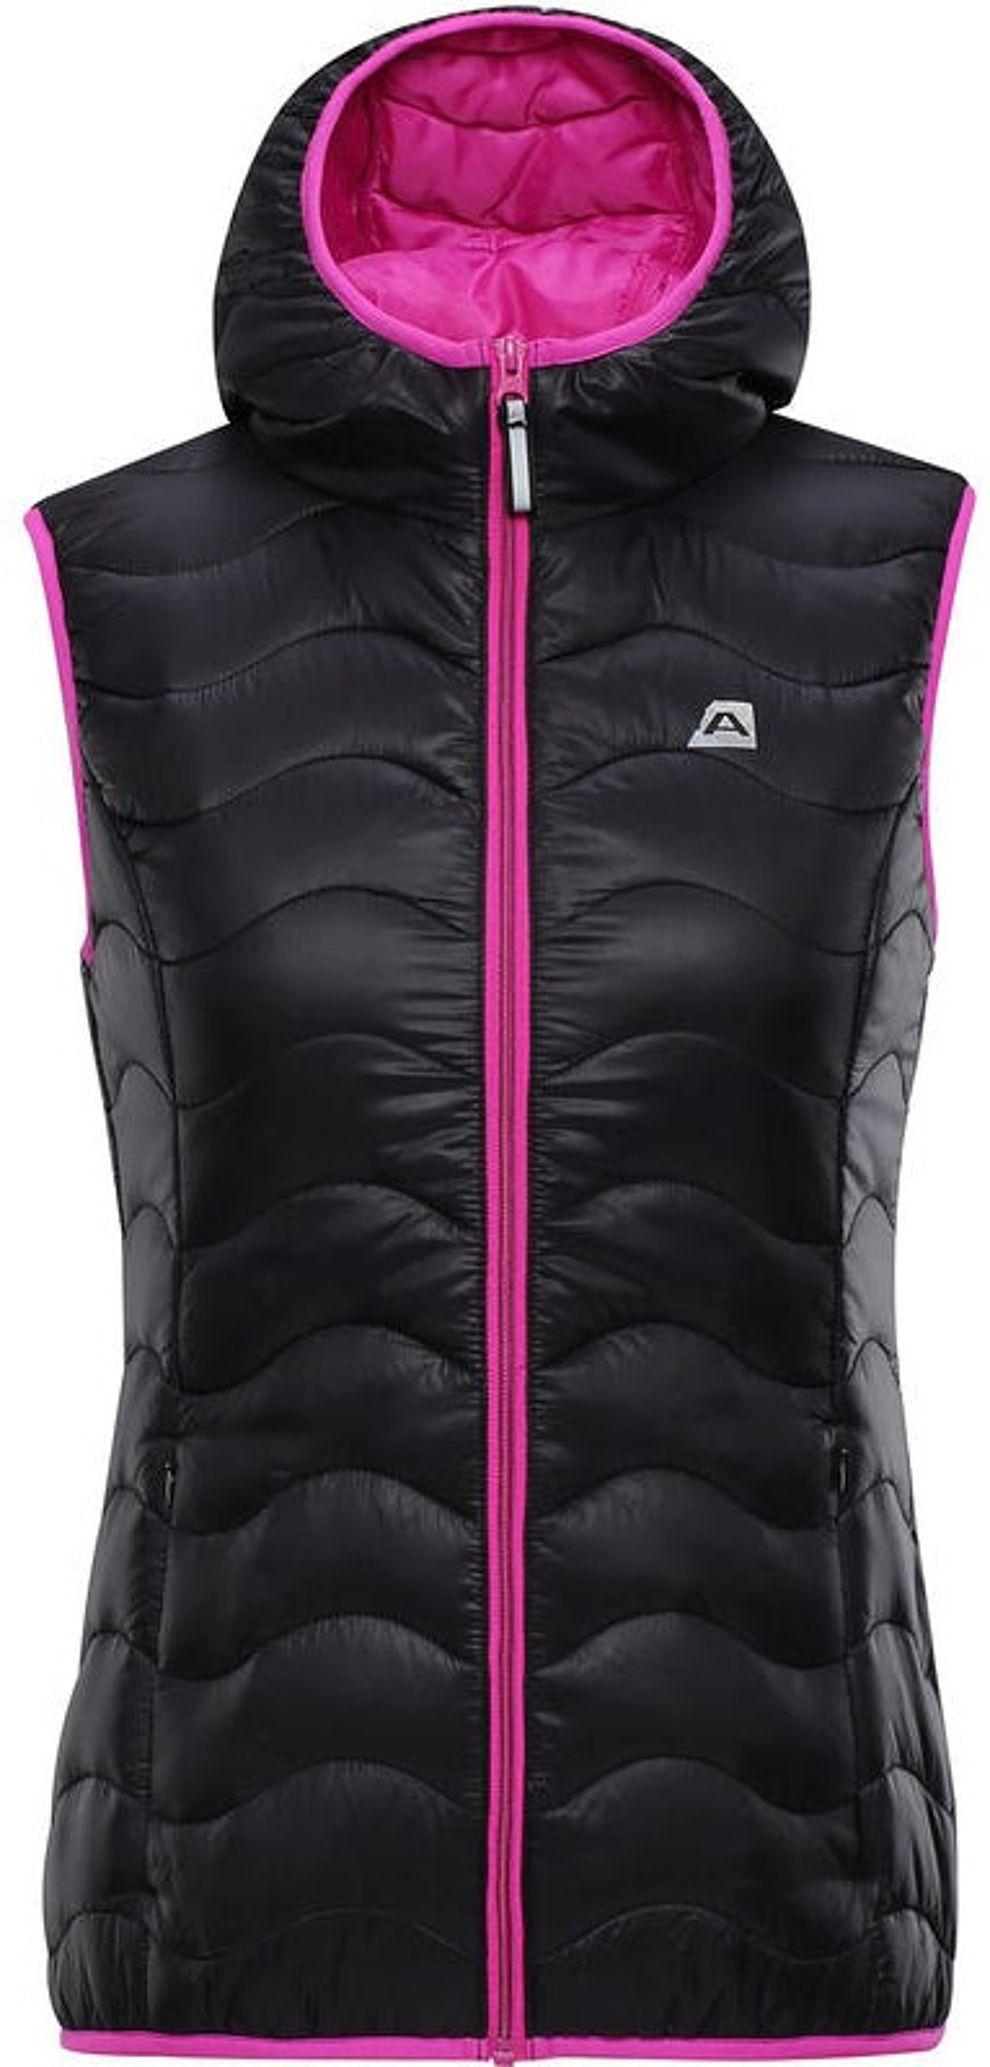 Dámská zateplená vesta Alpine Pro vel. M